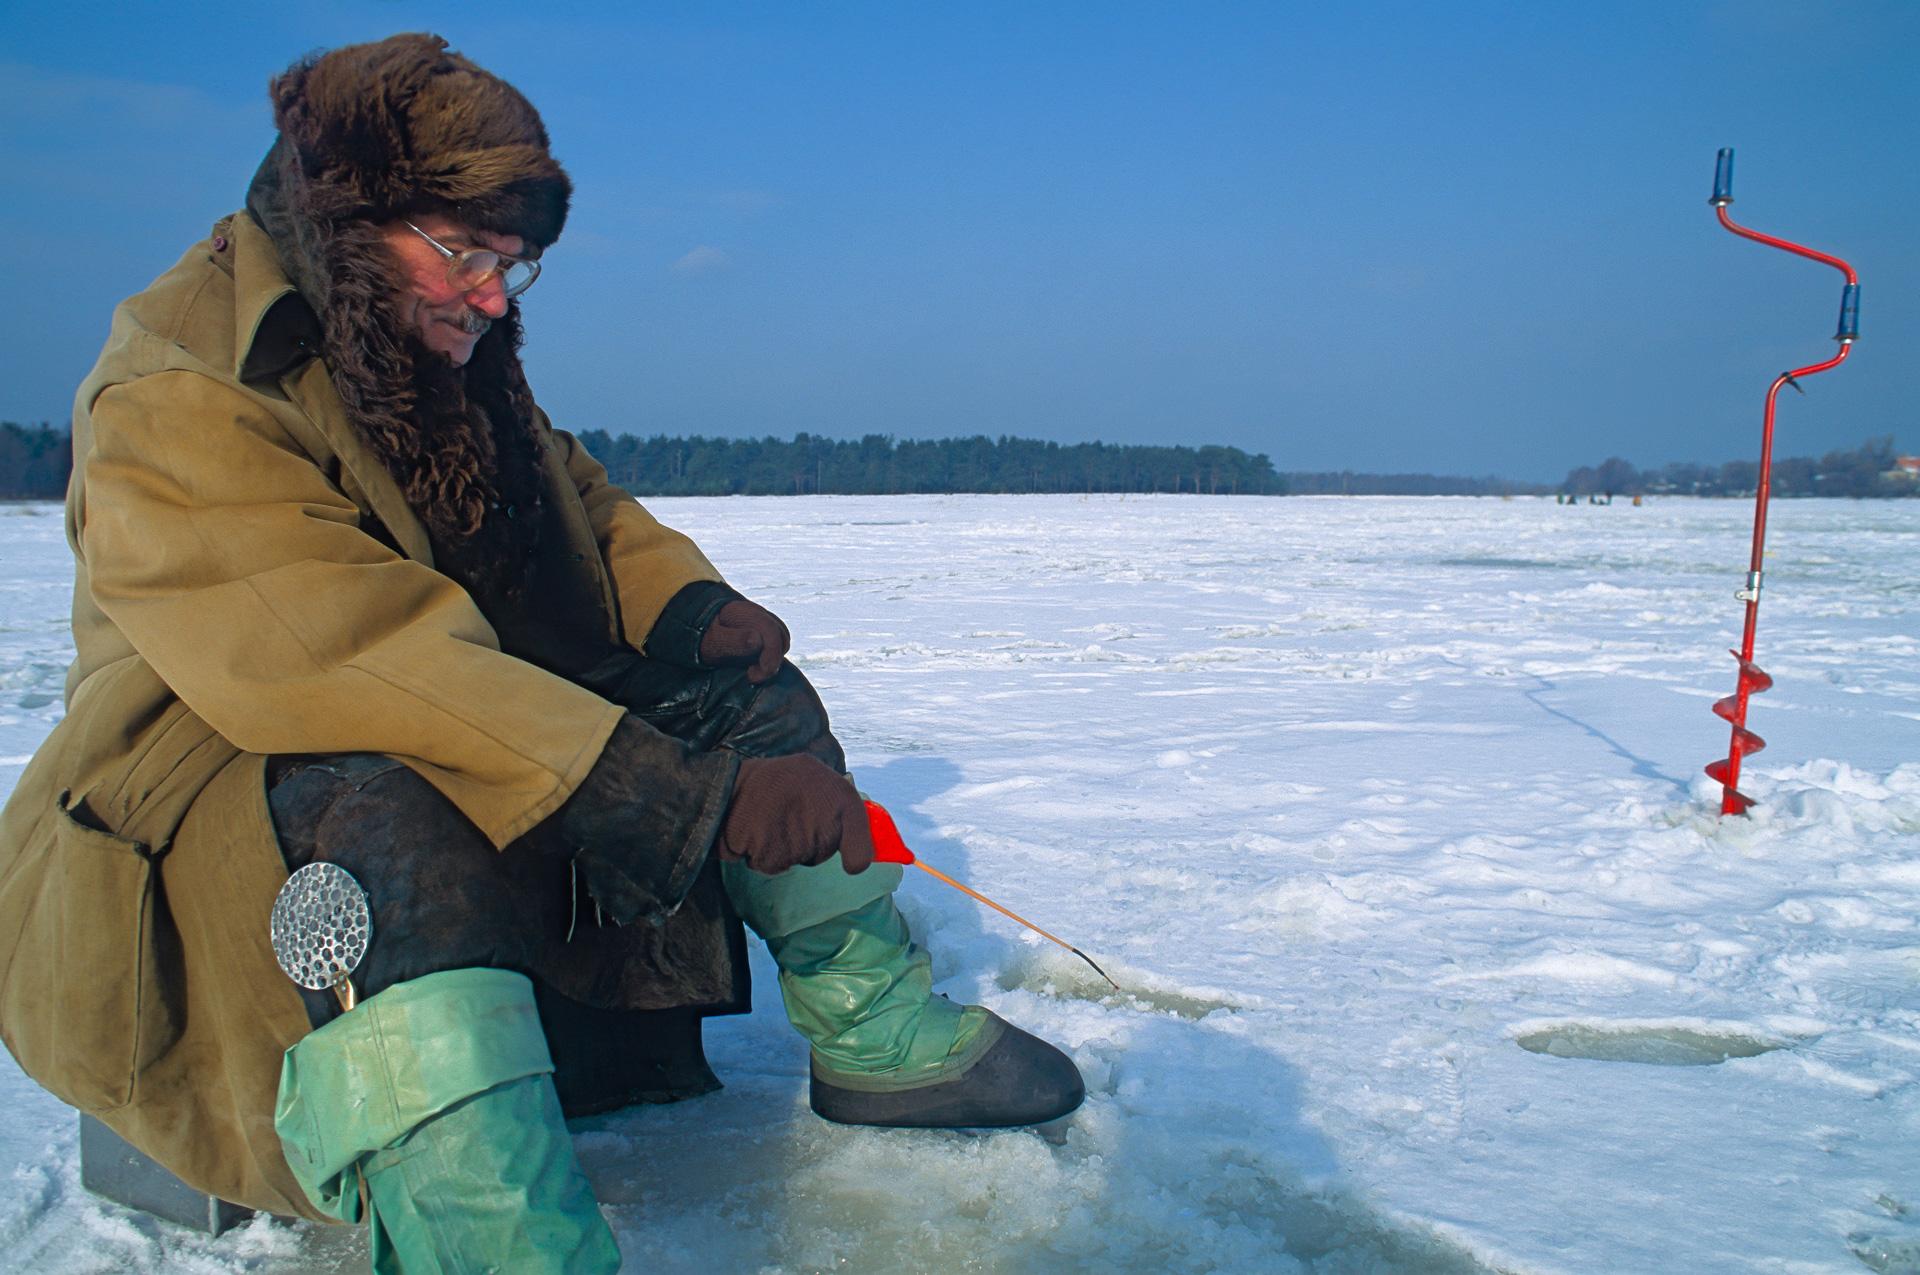 Winter im Baltikum in Lettland an der Ostsee bei Vecaki sitzen Eisangler am zugefrorenen Vecdaugava See